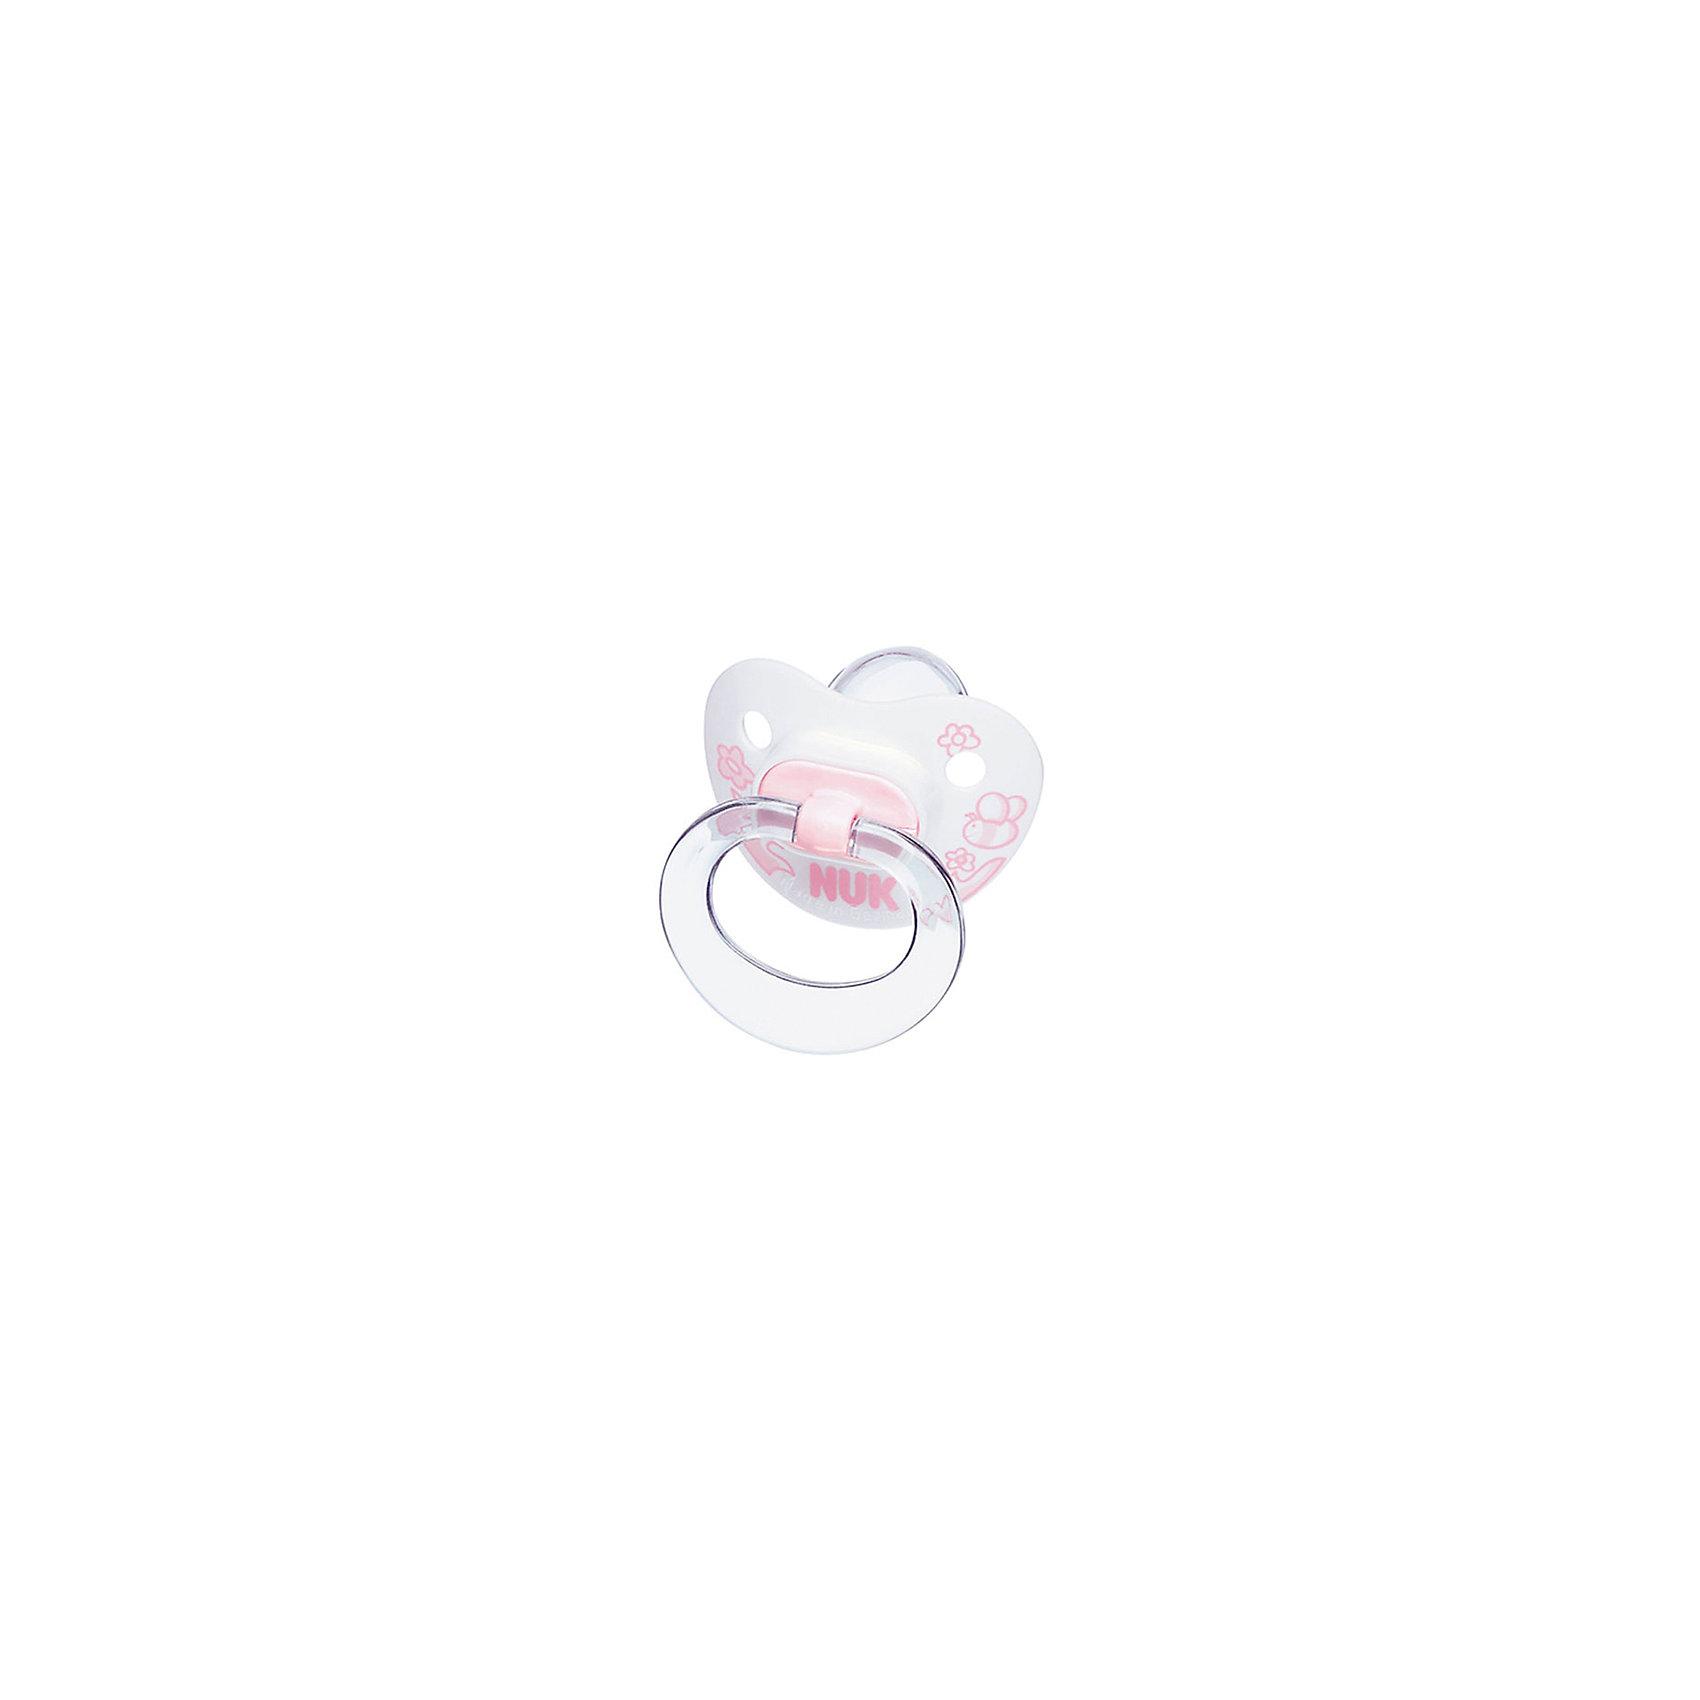 Пустышка для сна BABY ROSE с кольц. сил. р.1, NUKПустышка для сна BABY ROSE с кольц. сил. р.1 от немецкого производителя высококачественных товаров для новорожденных NUK (Нук). Эта пустышка с  нежным дизайном в пастельно-розовых тонах придет по вкусу как малышу, так и маме. Подходит для нежного сна малышки – колечко складывается, а загубник имеет вентиляционное отверстие для обеспечения максимального комфорта малышки. Пустышка выполнена из силикона, полностью прозрачна и не имеет собственного вкуса или запаха. Форма соски протестирована и одобрена ортодонтами и подстраивается под ротик малыша, оставляя место для движения языка и не деформируя формирование прикуса крохи. Специально разработанная схема строения соски не пропускает воздух во время сосания, предотвращая появление коликов. Превосходное качество и безопасность для вашего ребенка.<br><br>Дополнительная информация:<br>- Материал: силикон, пластик<br>- Размер соски: 1<br>- Система NUK AIR <br><br>Пустышку для сна BABY ROSE с кольц. сил. р.1, NUK (Нук) можно купить в нашем интернет-магазине.<br>Подробнее:<br>• Для детей в возрасте: от 0 до 6 месяцев <br>• Номер товара: 4998436<br>Страна производитель: Германия<br><br>Ширина мм: 9<br>Глубина мм: 9<br>Высота мм: 173<br>Вес г: 38<br>Возраст от месяцев: 0<br>Возраст до месяцев: 6<br>Пол: Унисекс<br>Возраст: Детский<br>SKU: 4998436